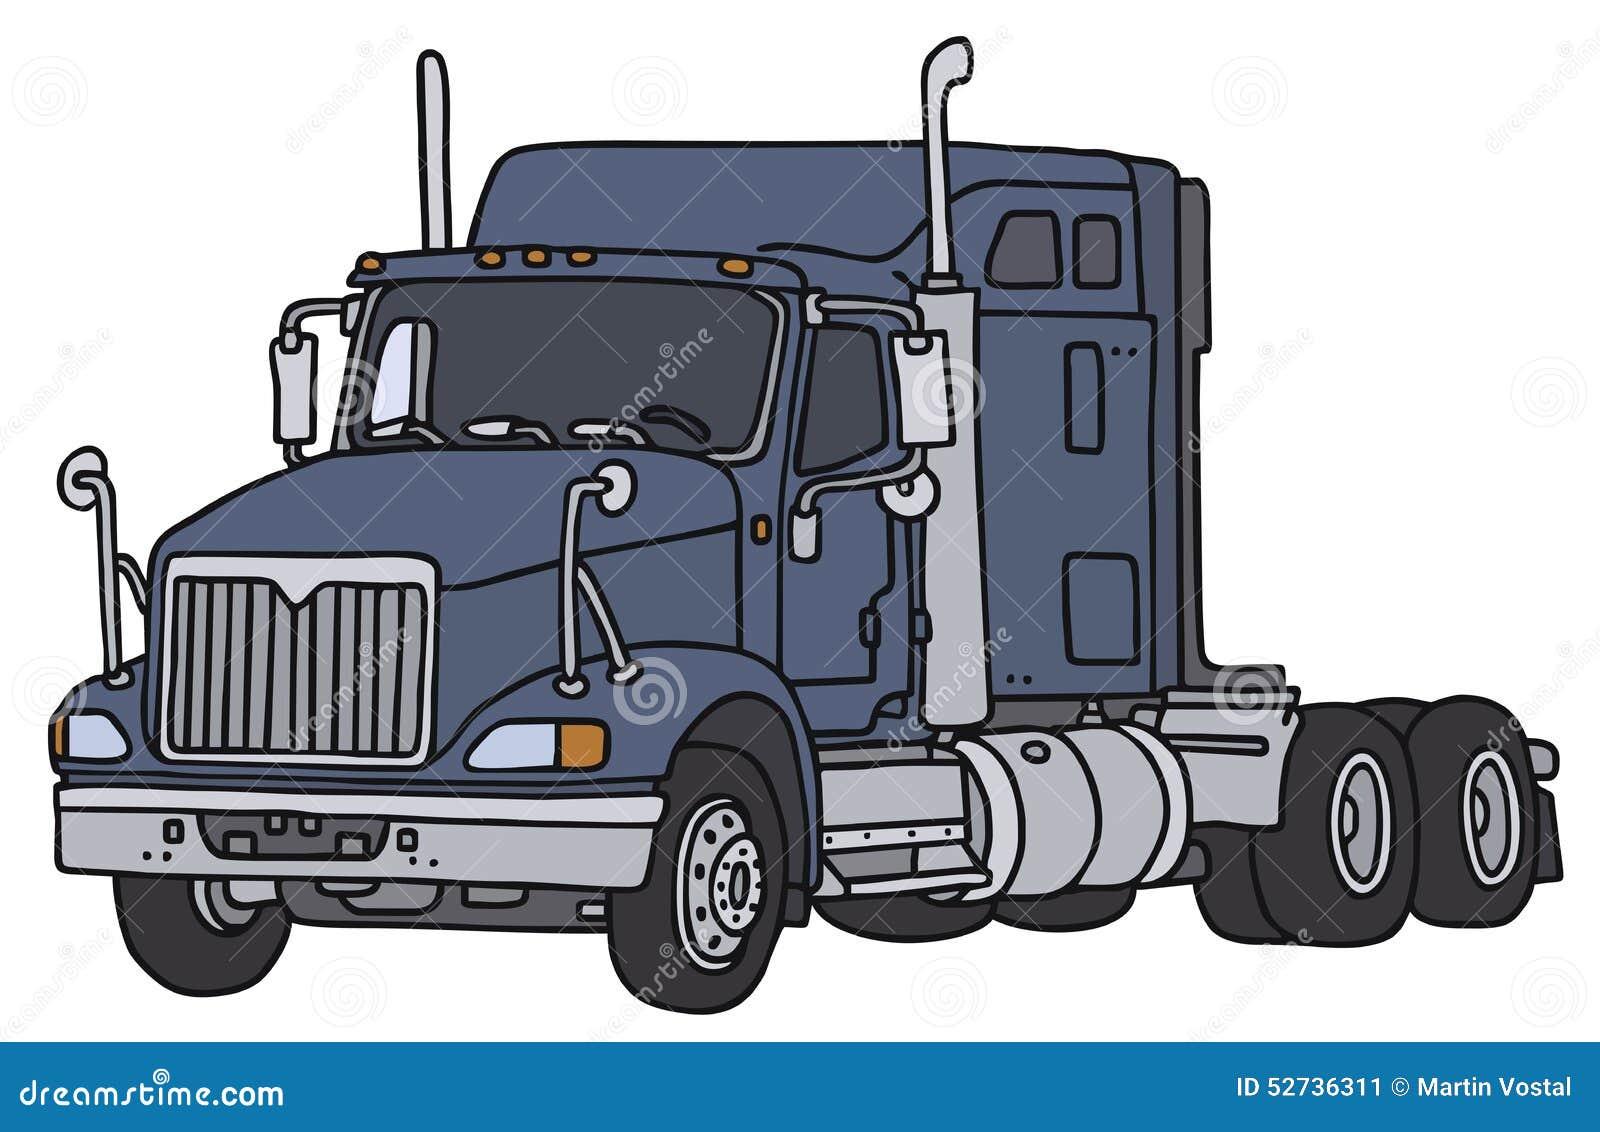 Grand camion am ricain illustration de vecteur image - Camion americain dessin ...